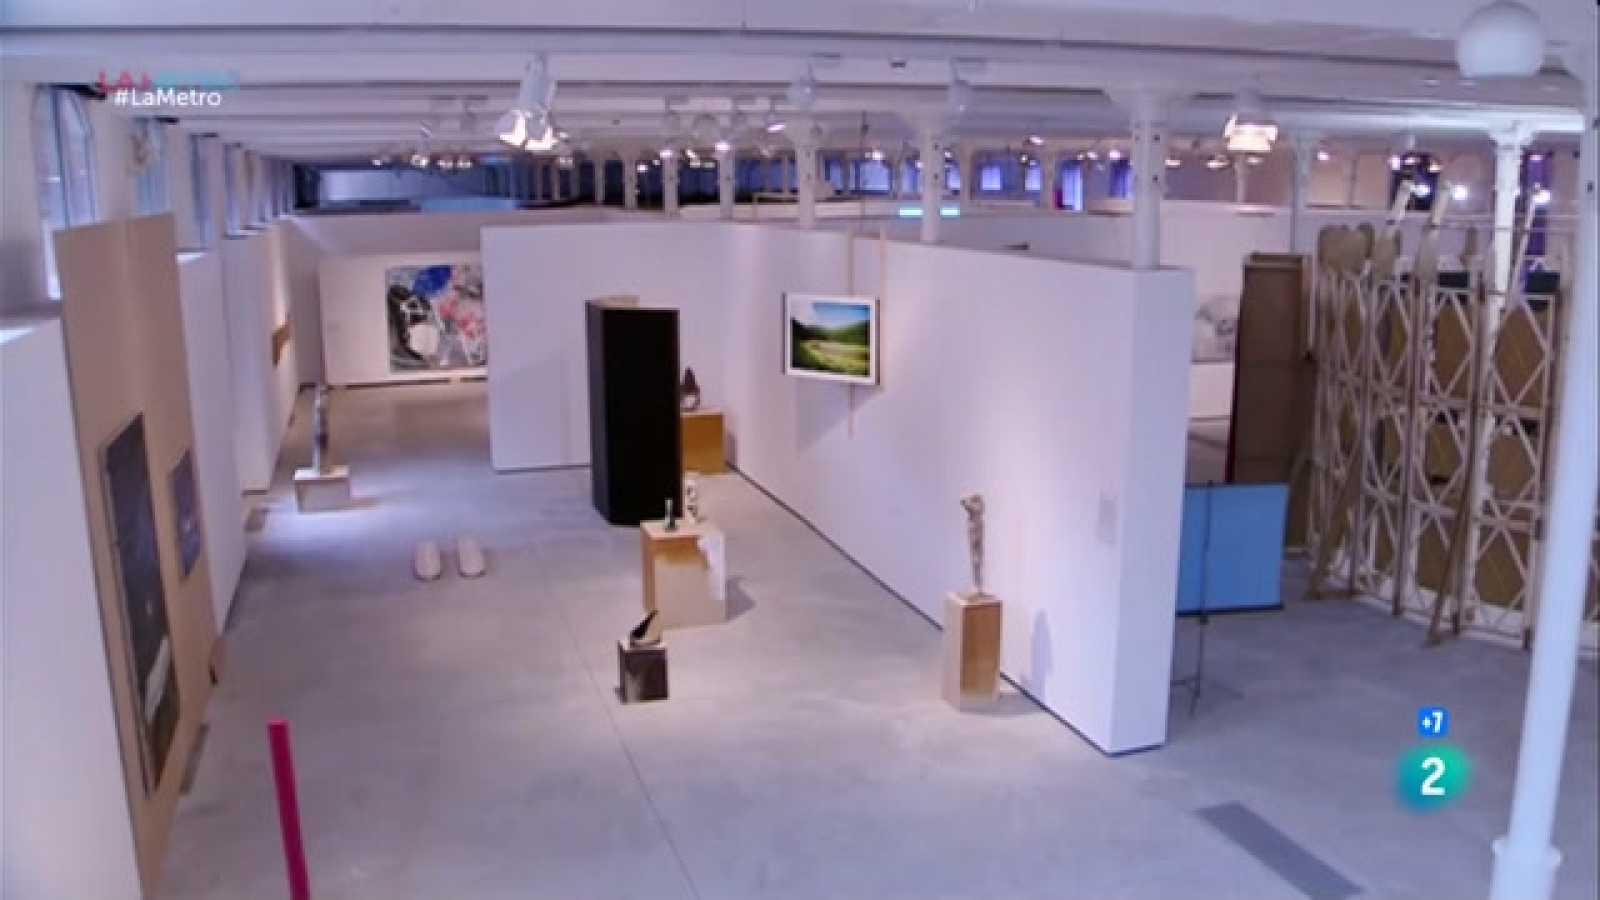 Creadors i artistes s'instal·len en naus industrials de l'Hospitalet